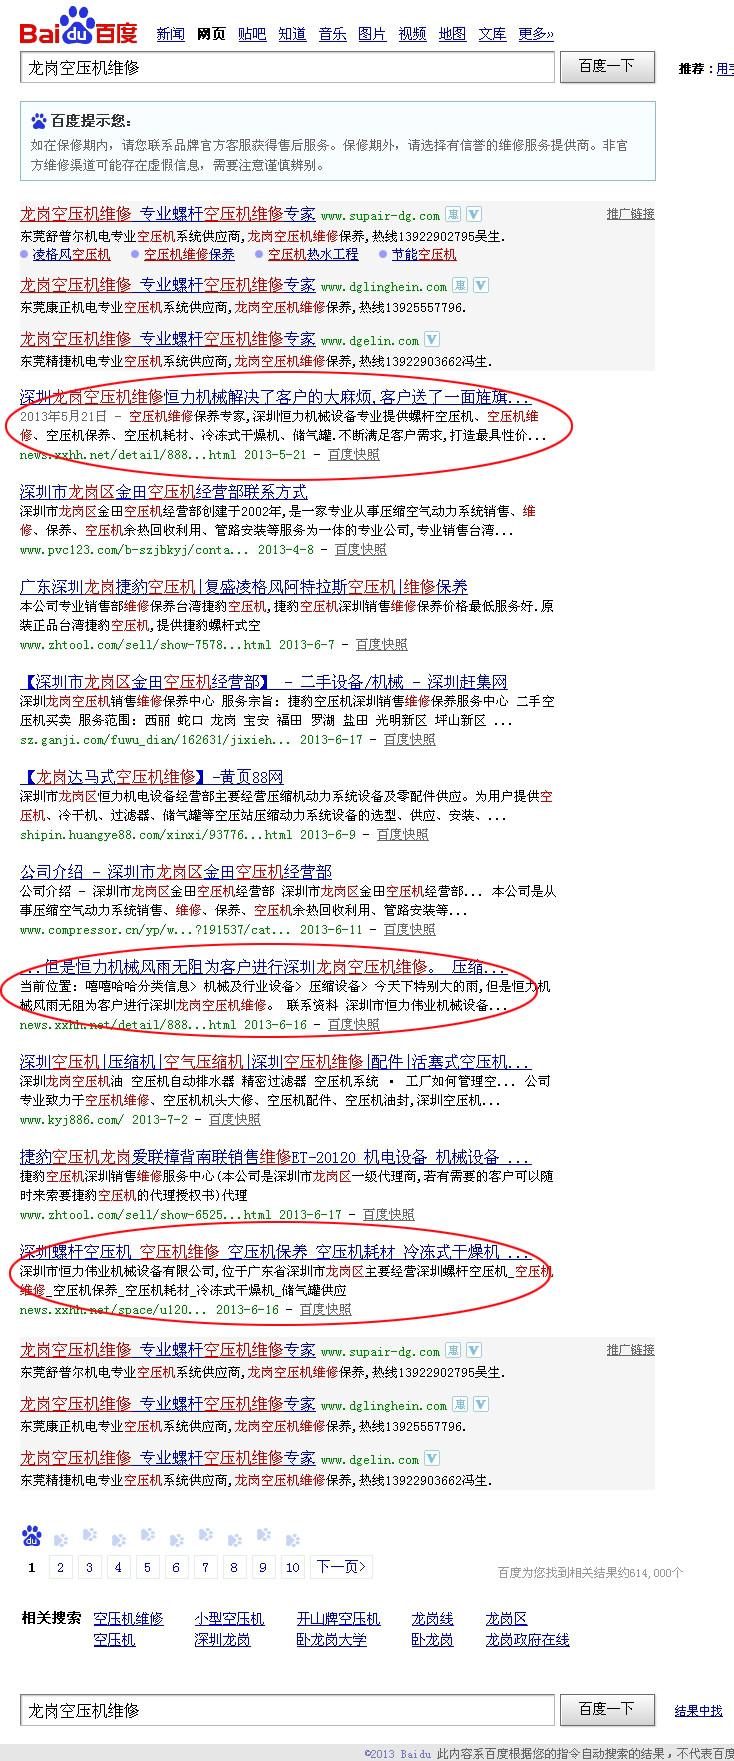 深圳市恒力伟业一条广告就接了四个客户电话